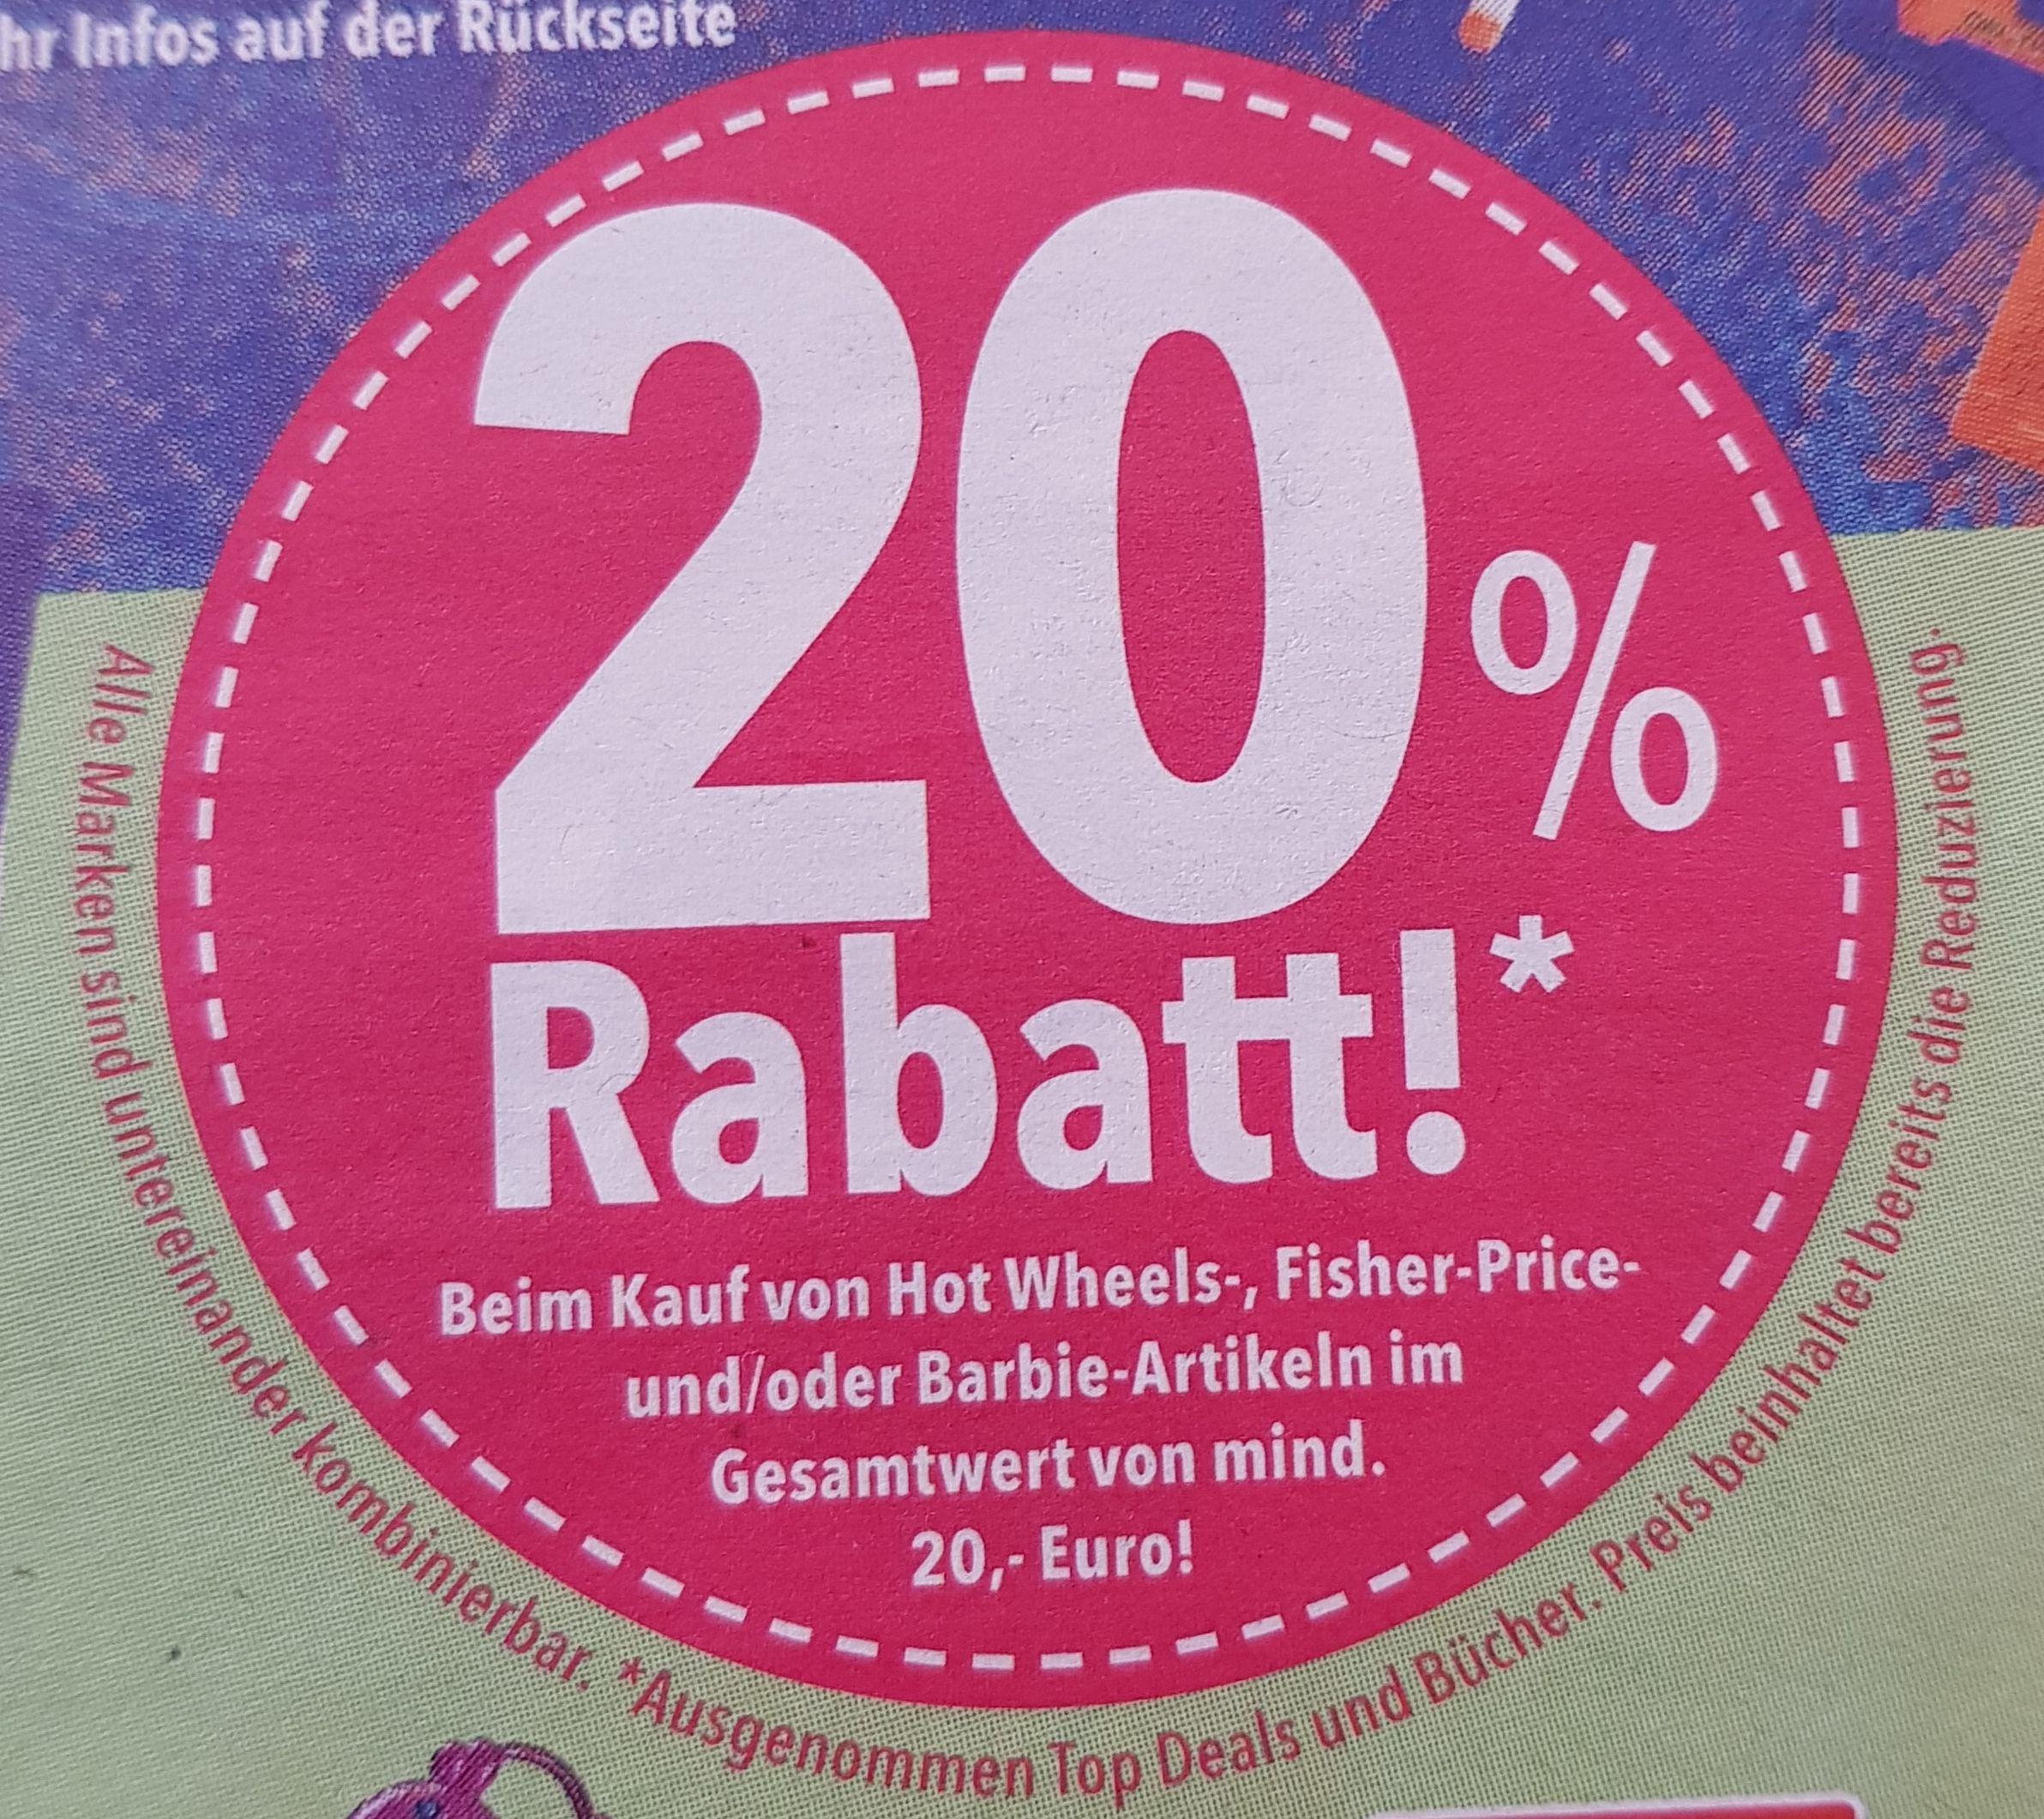 20% Rabatt beim Kauf von Hot Wheels-, Fischer-Price-und/oder Barbie-Artikeln im Gesamtwert von mind. 20 Euro! [Toys R Us]